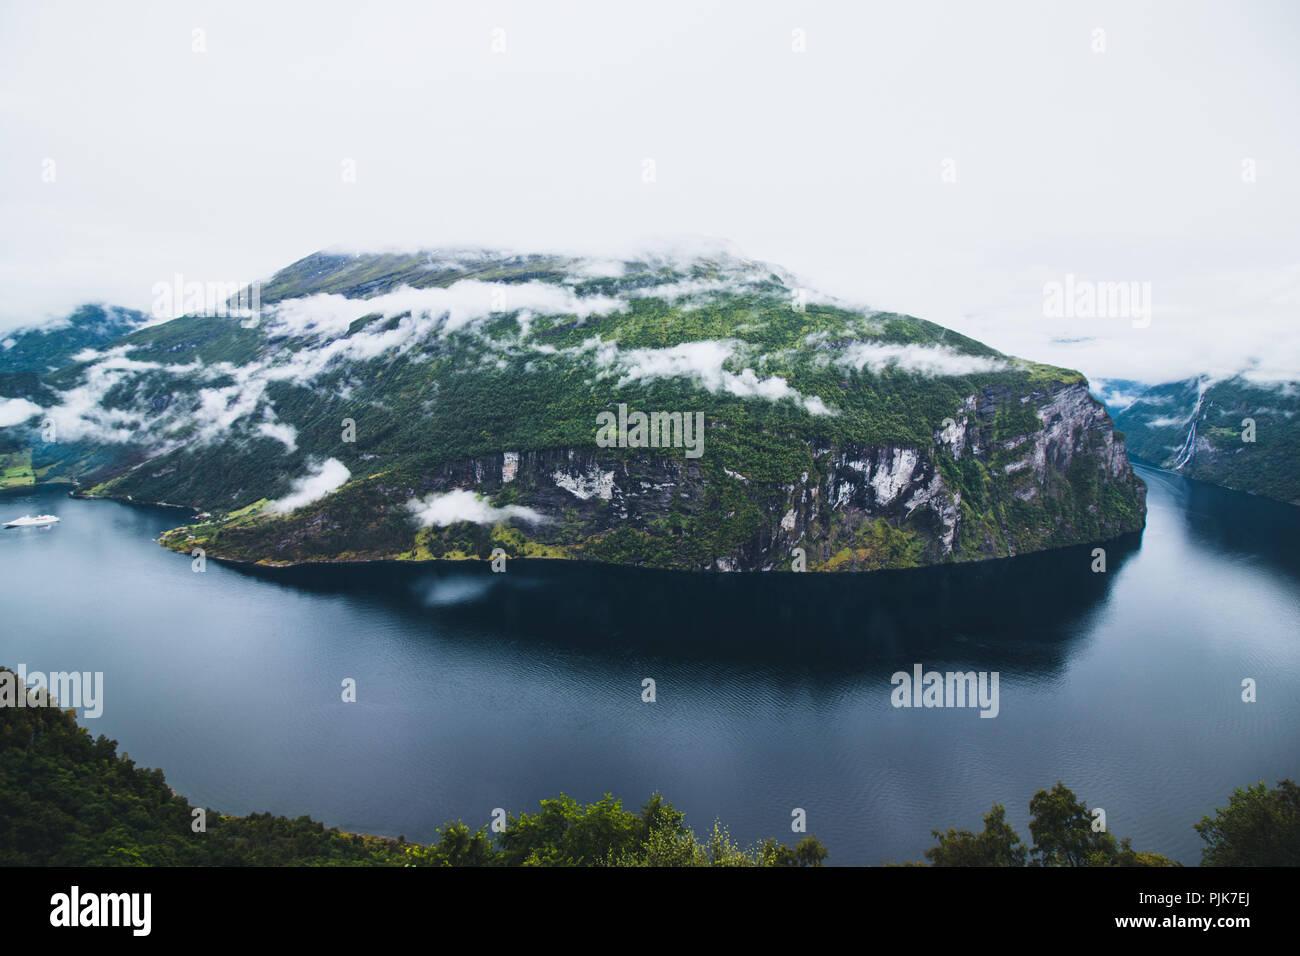 Norway, Møre og Romsdal, Stranda, Geirangerfjord - Stock Image